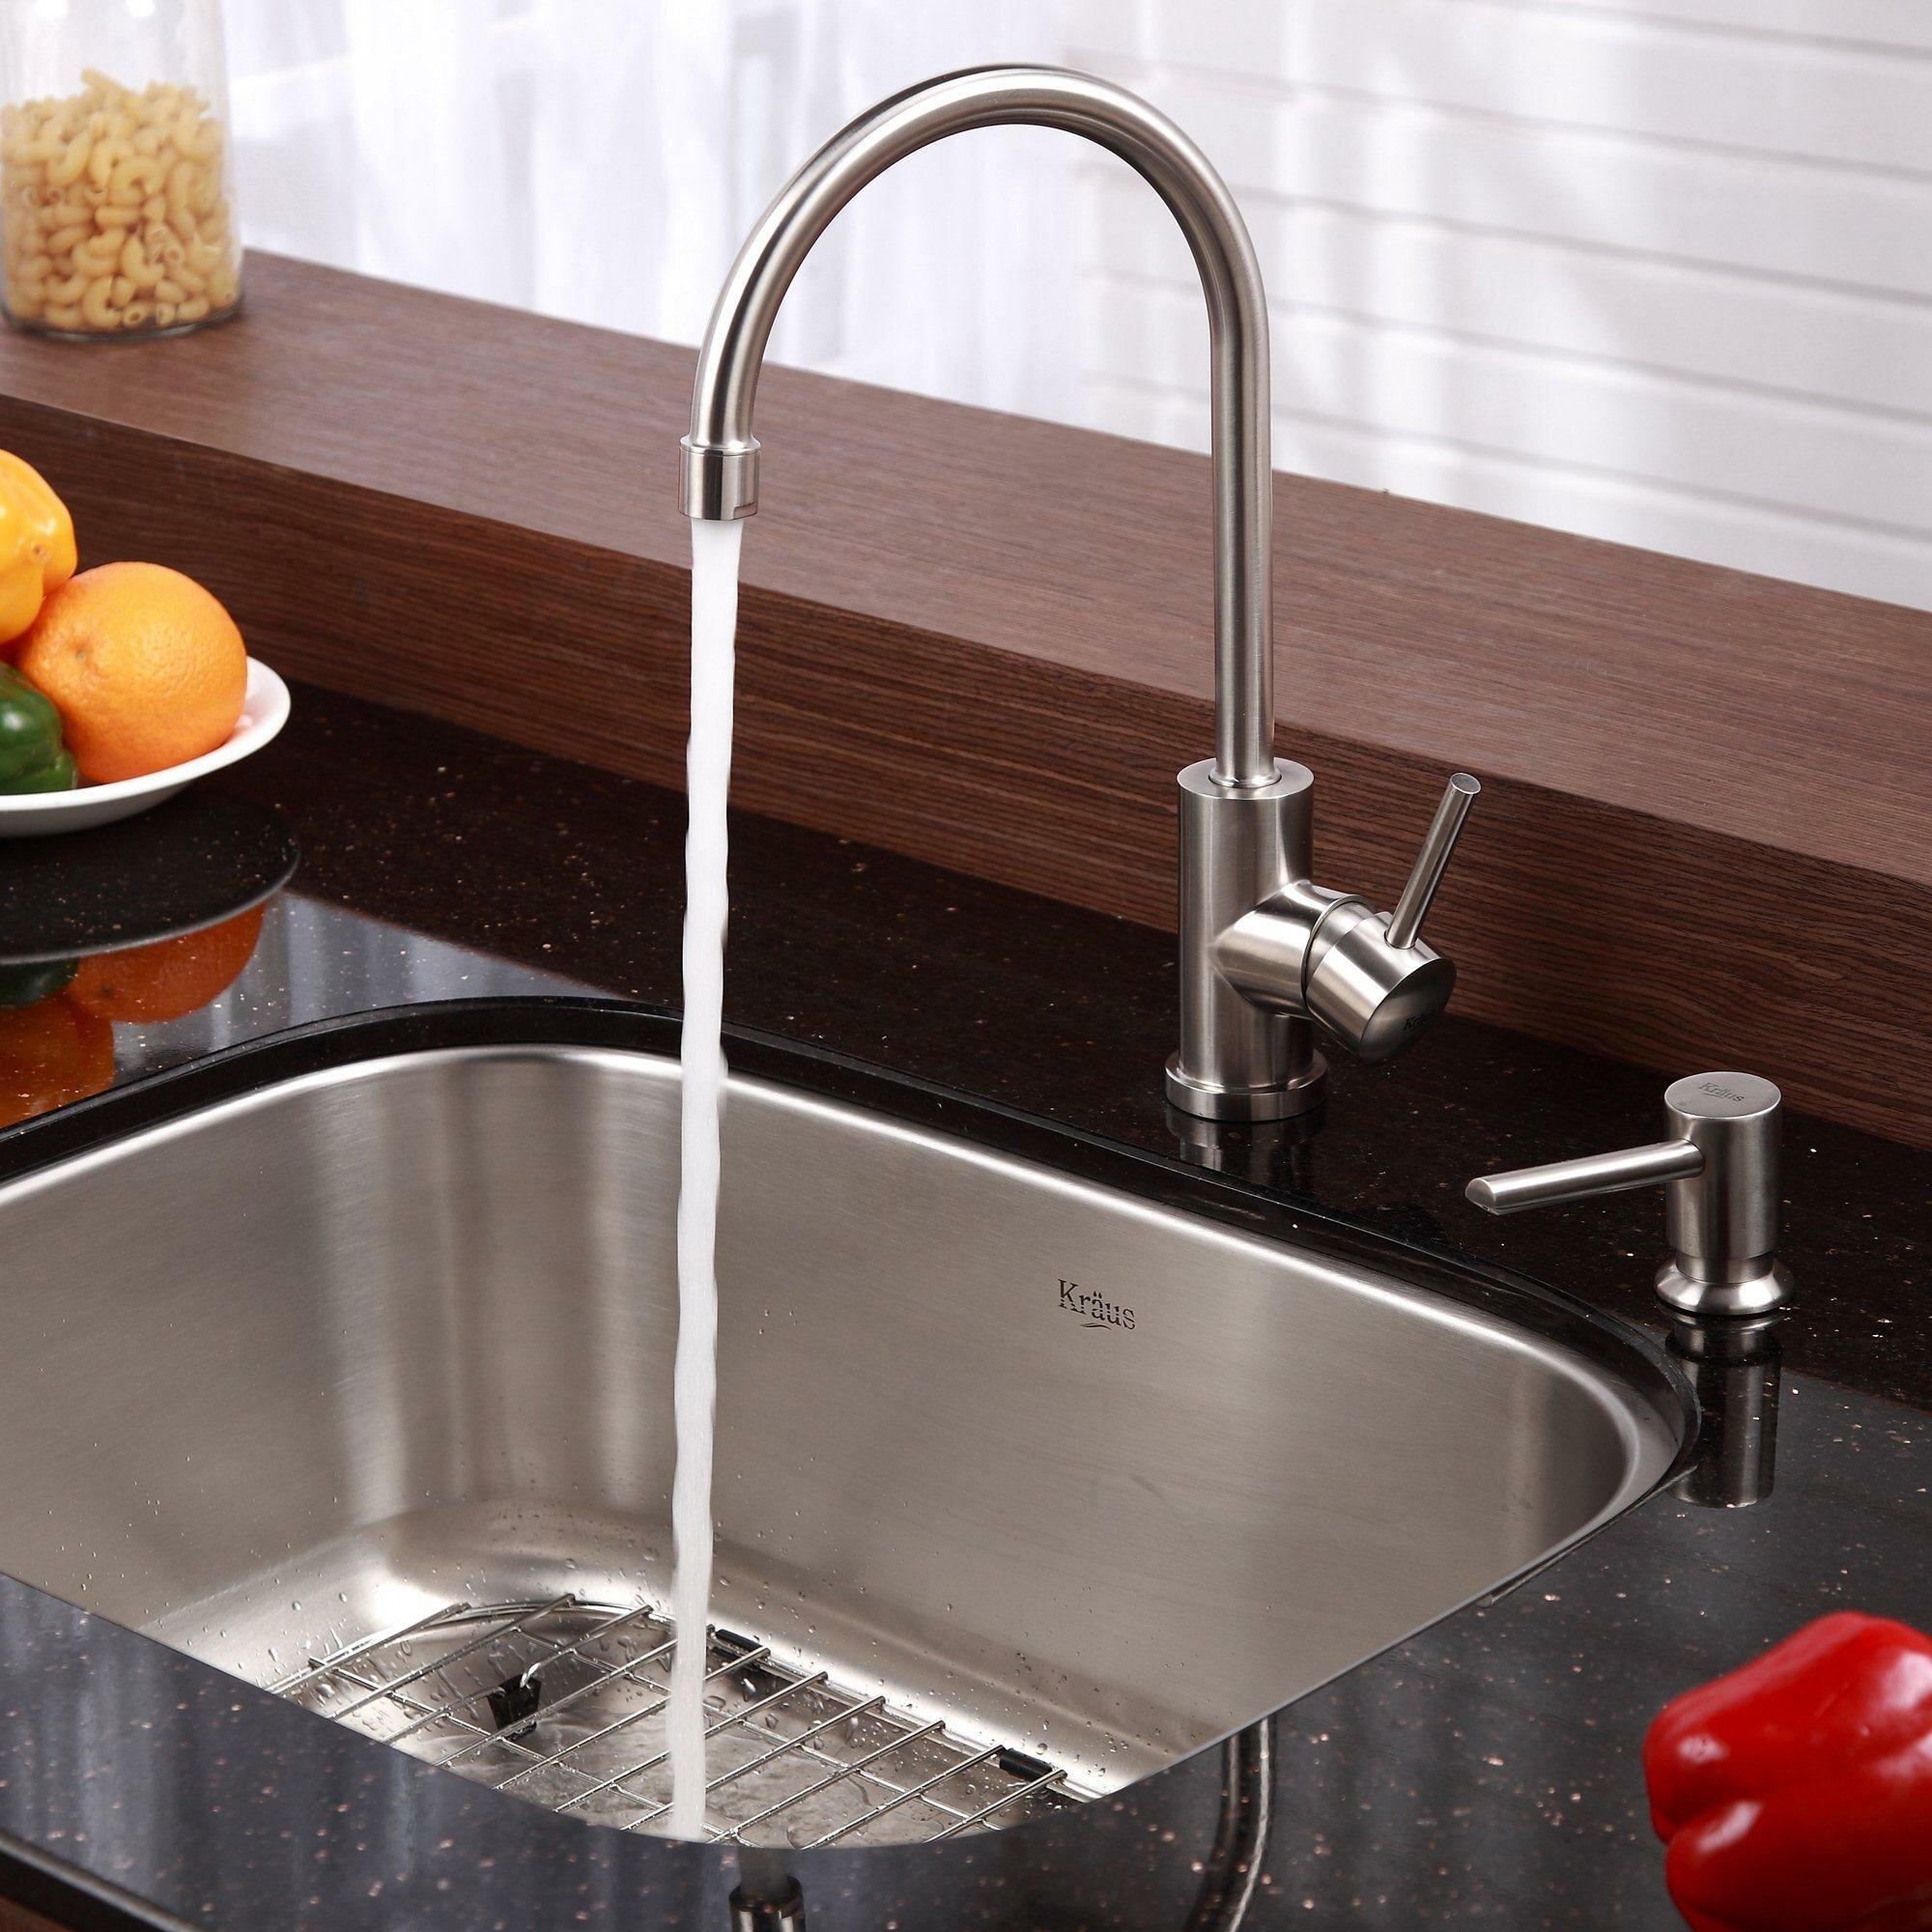 Kraus 23 Undermount Sink : Kraus Stainless Steel 23